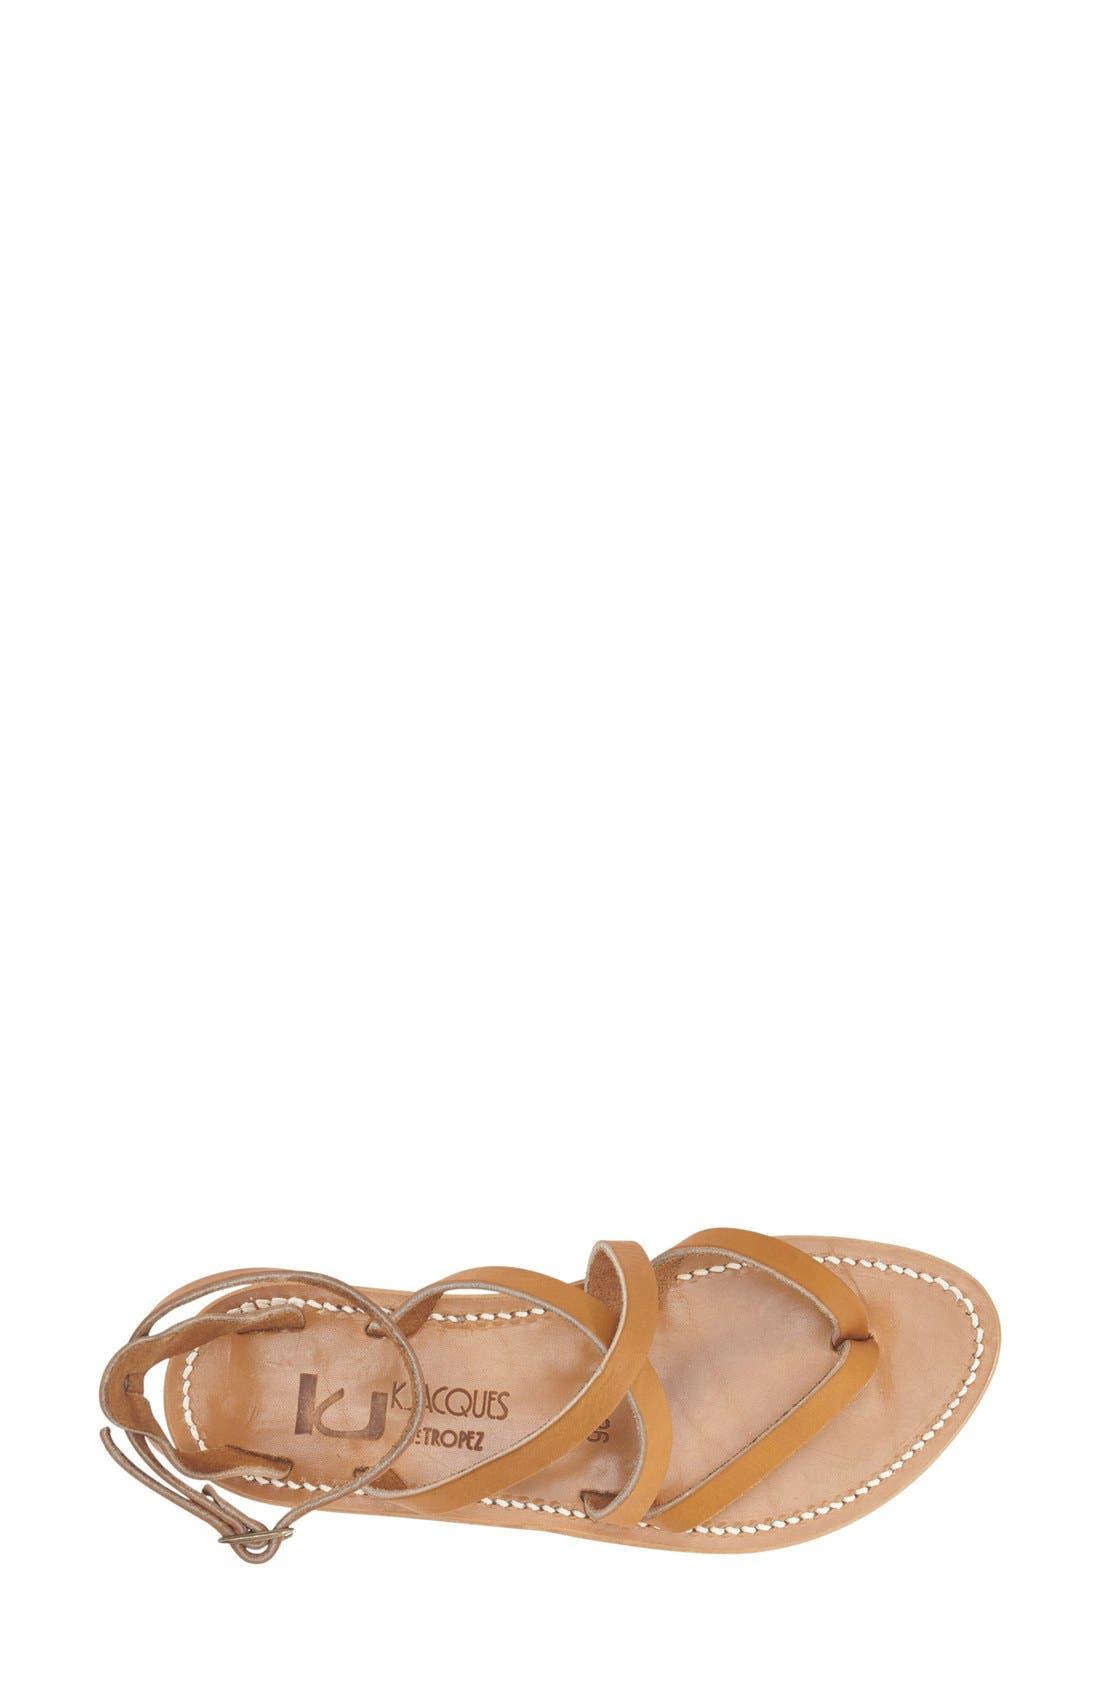 Alternate Image 3  - K.Jacques St. Tropez 'Epicure' Sandal (Women)